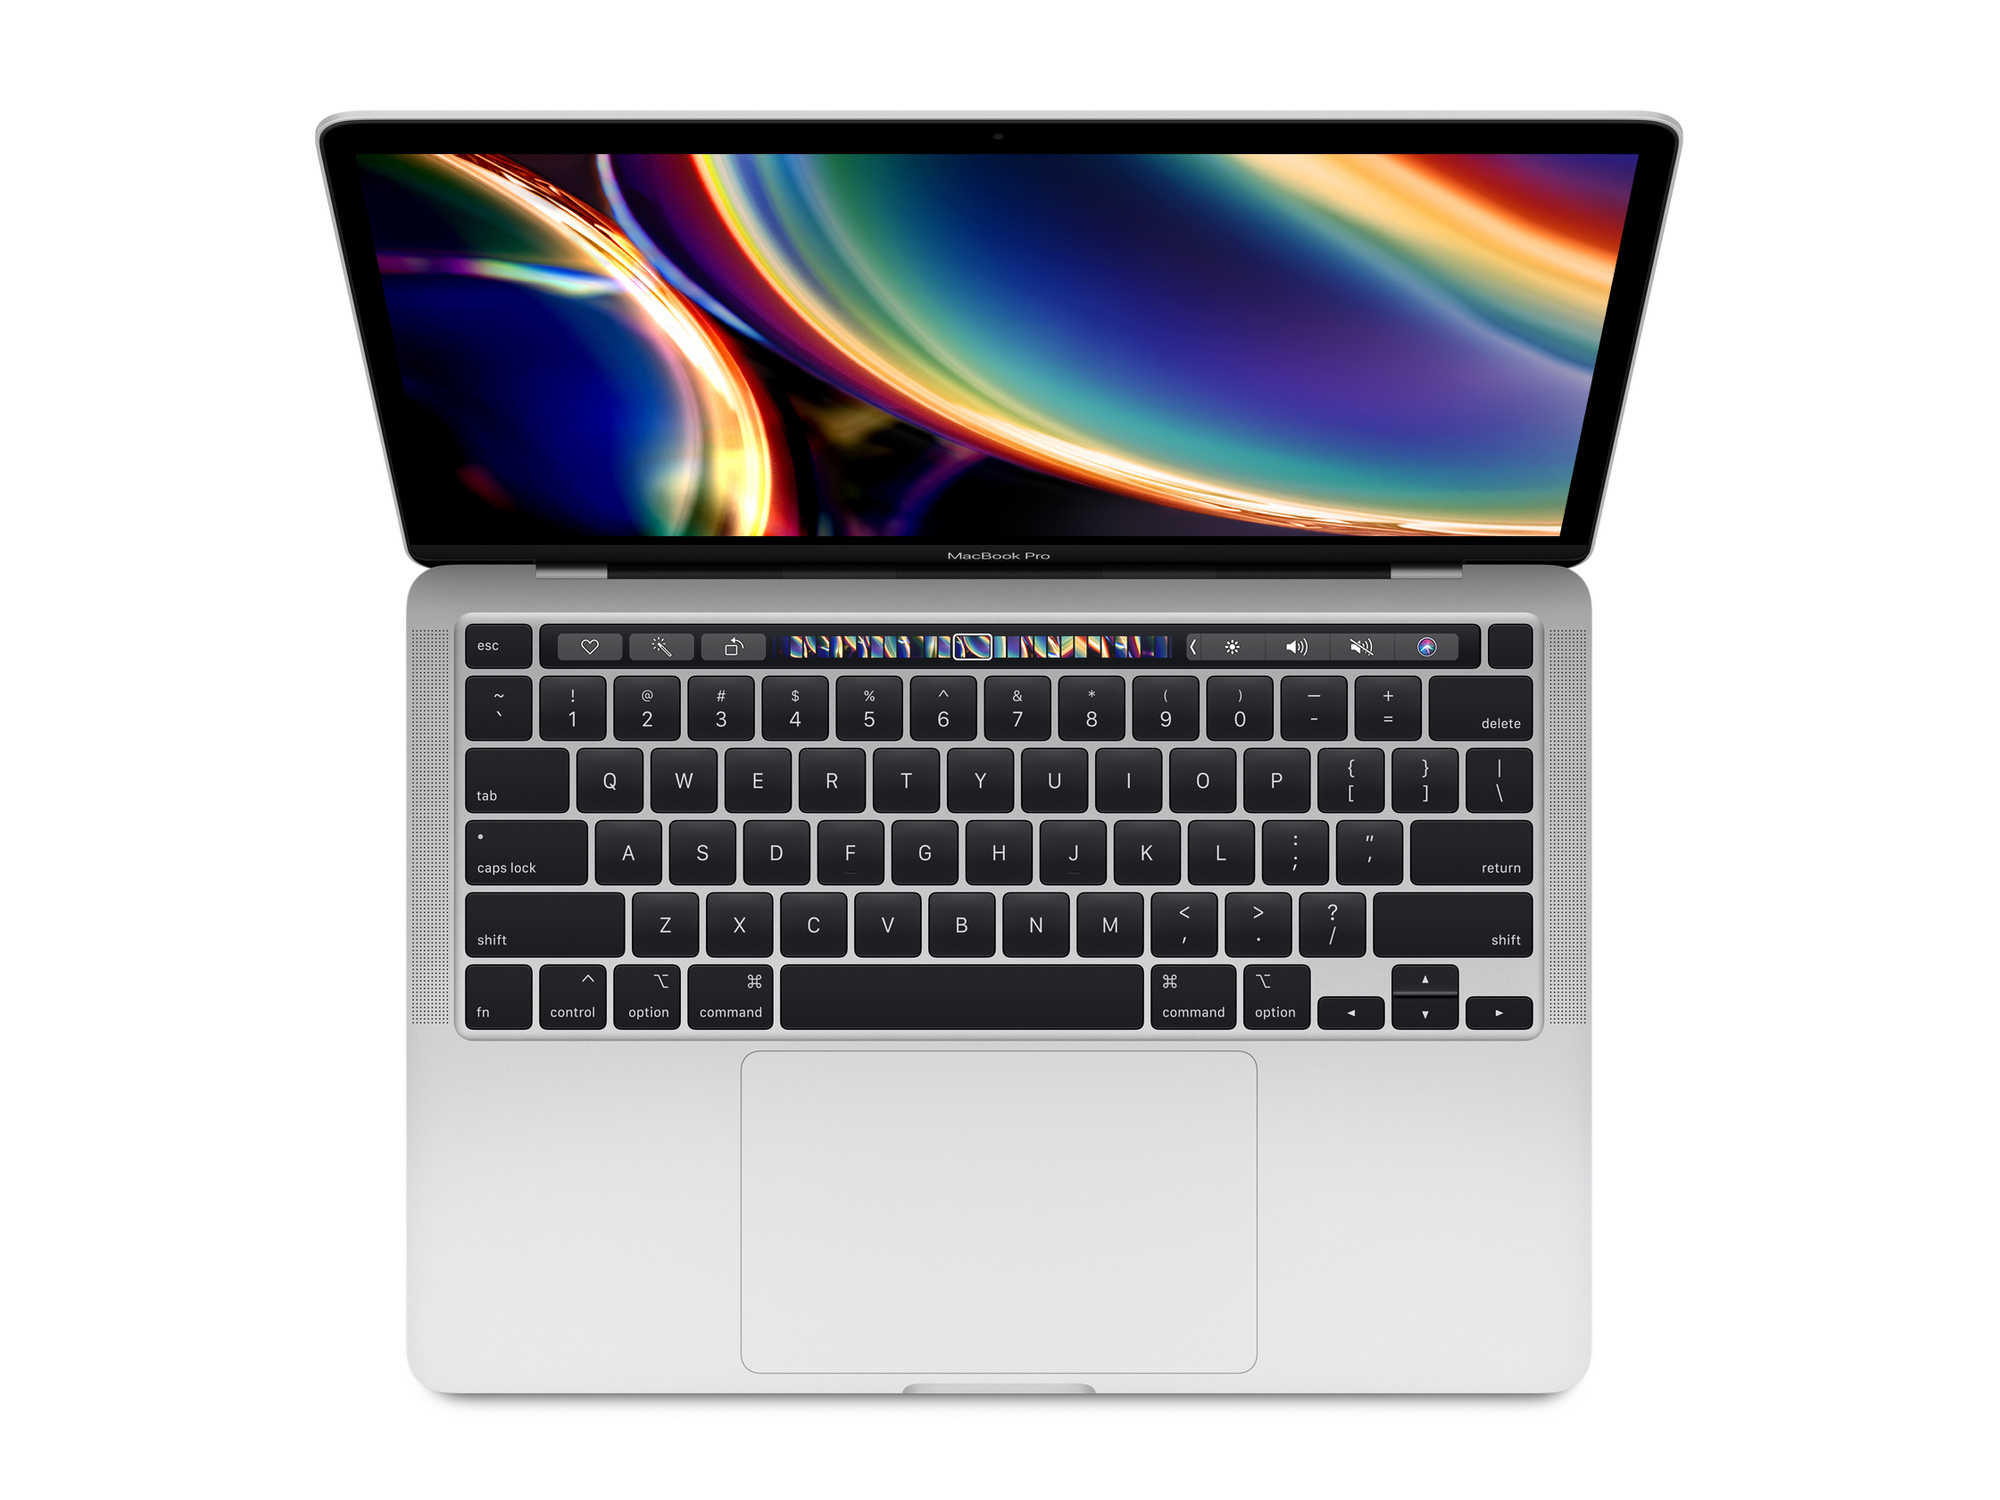 """Apple MacBook Pro Portátil Plata 33,8 cm (13.3"""") 2560 x 1600 Pixeles Intel® Core™ i5 de 10ma Generación 16 GB LPDDR4x-SDRAM 512 GB SSD Wi-Fi 5 (802.11ac) macOS Catalina"""